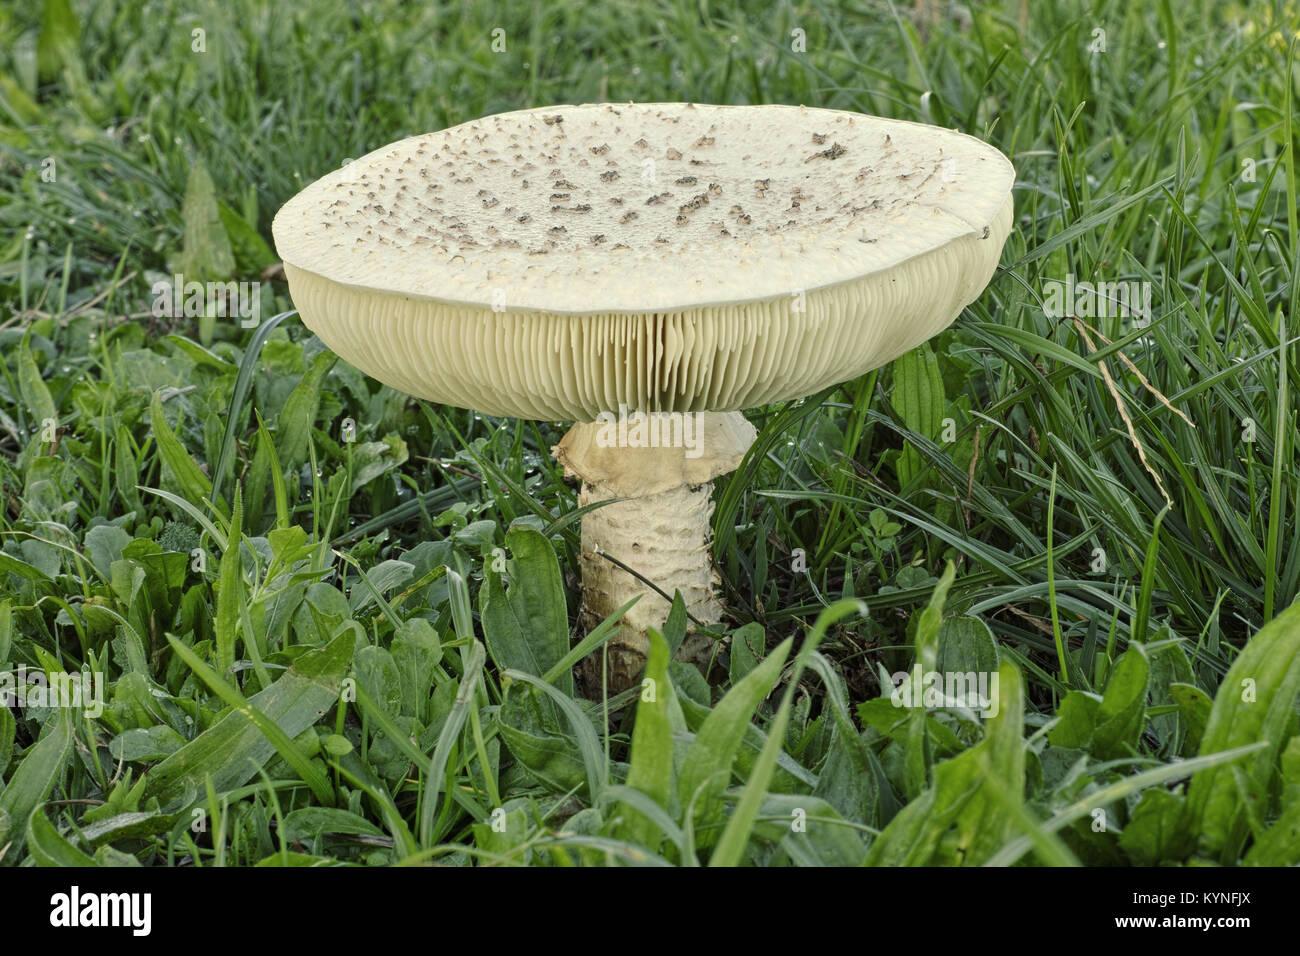 mature specimen of mushroom Amanita vittadinii - Stock Image